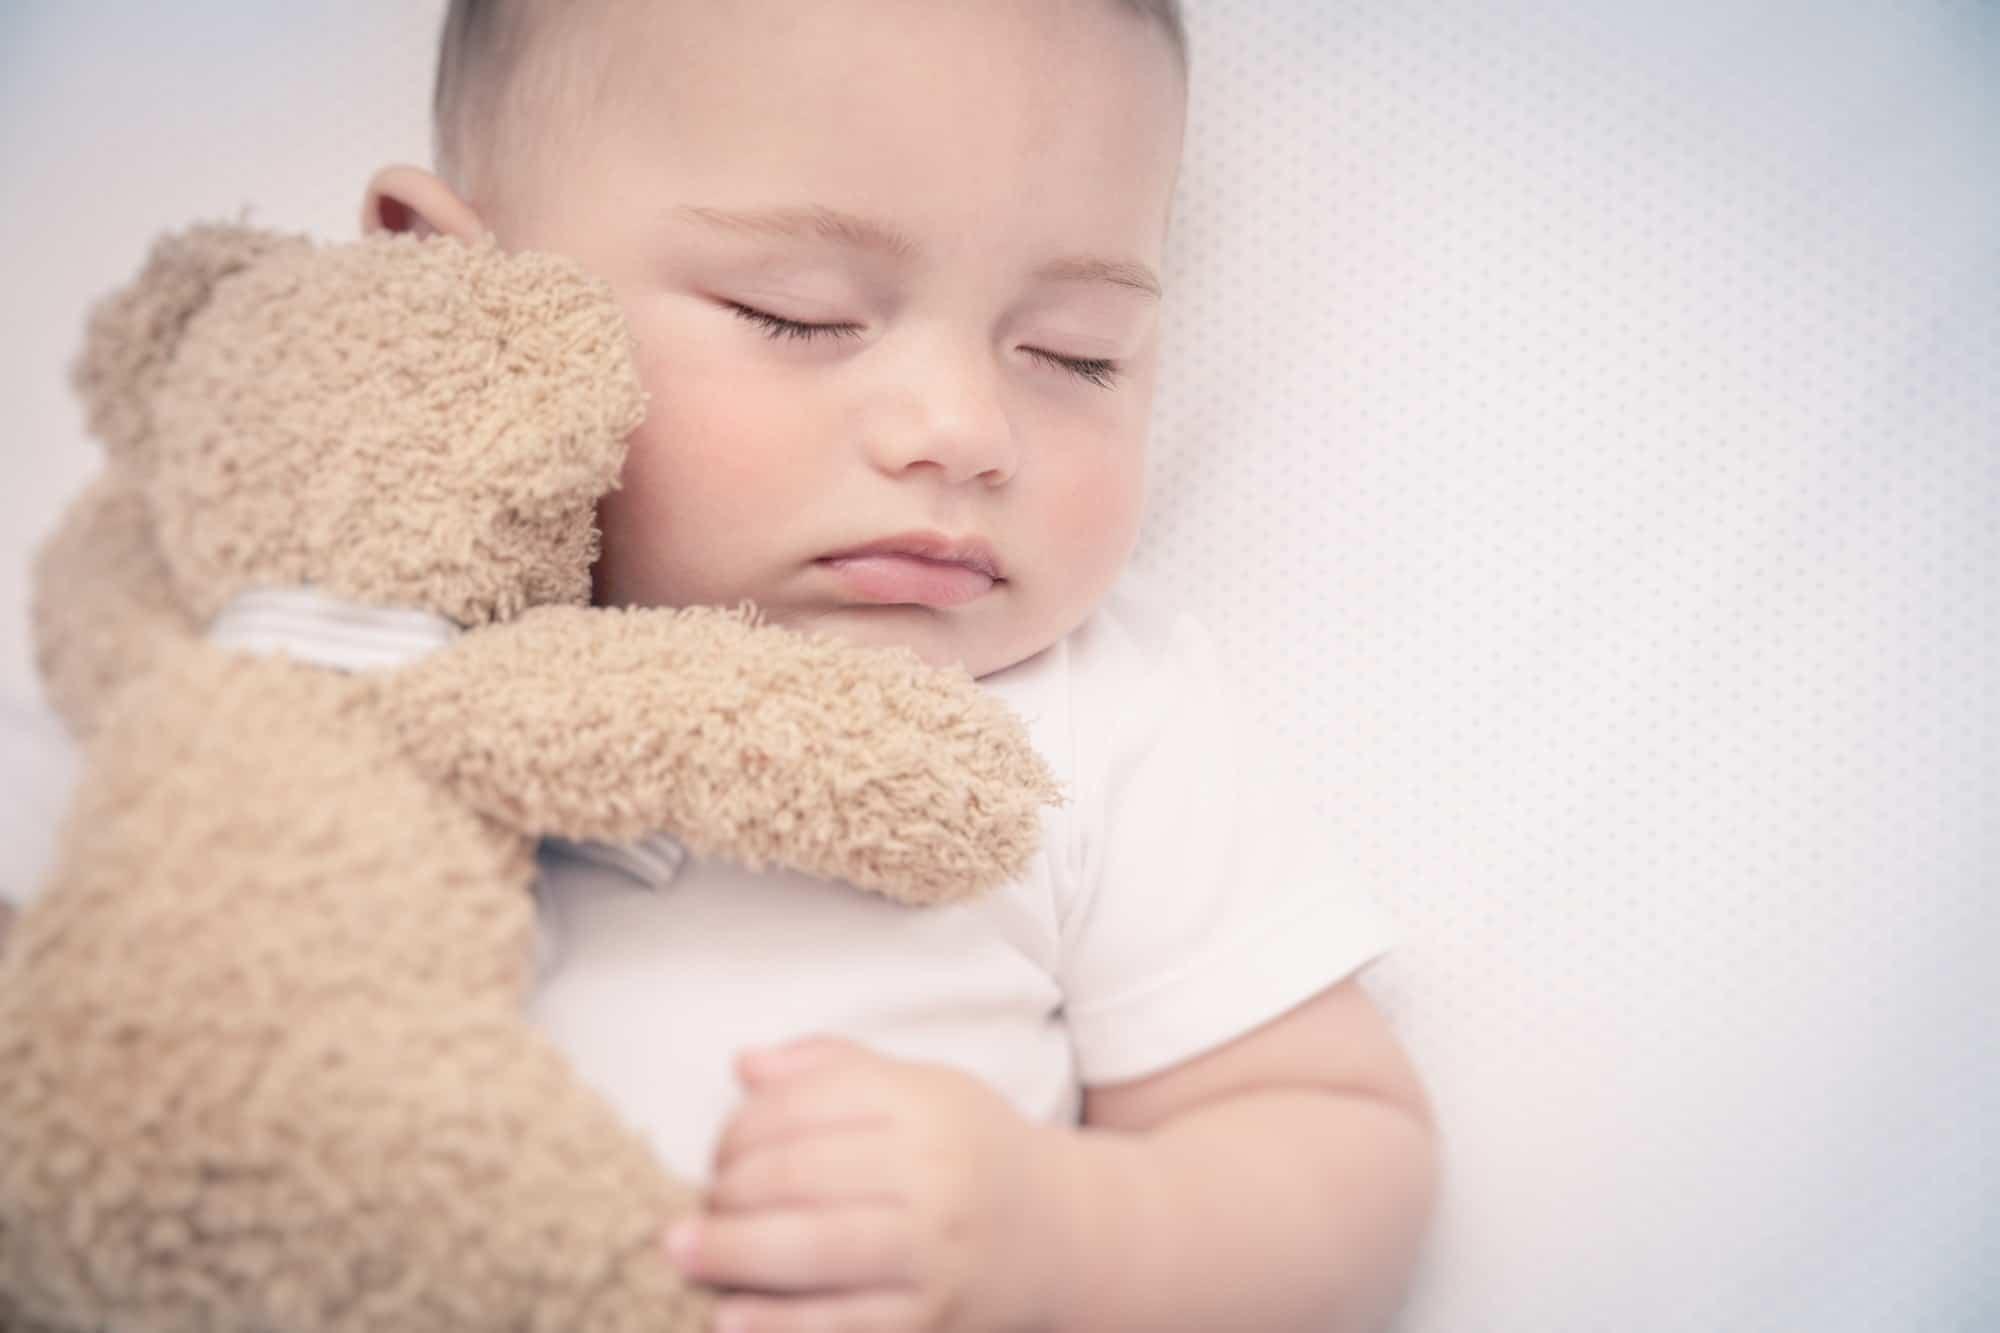 A importância de uma rotina consistente para bebês e crianças e sua influência no sono